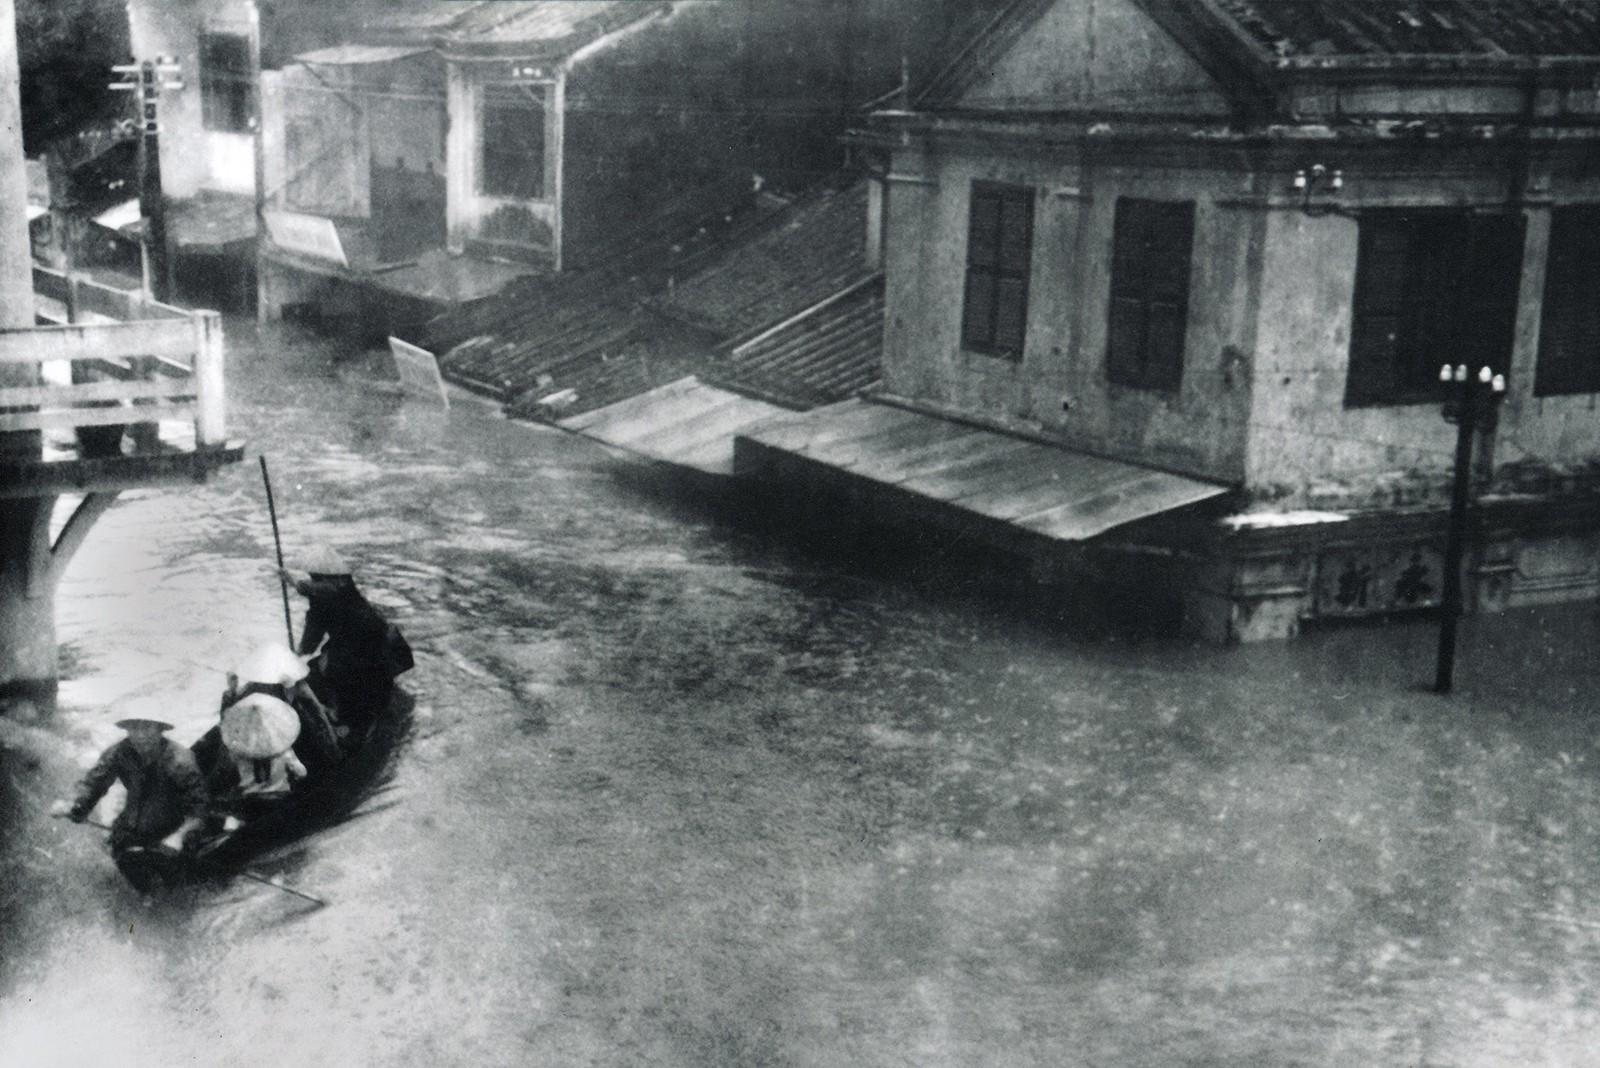 Nhìn lại trận lụt 'Đại họa năm Thìn' ở miền trung năm 1964